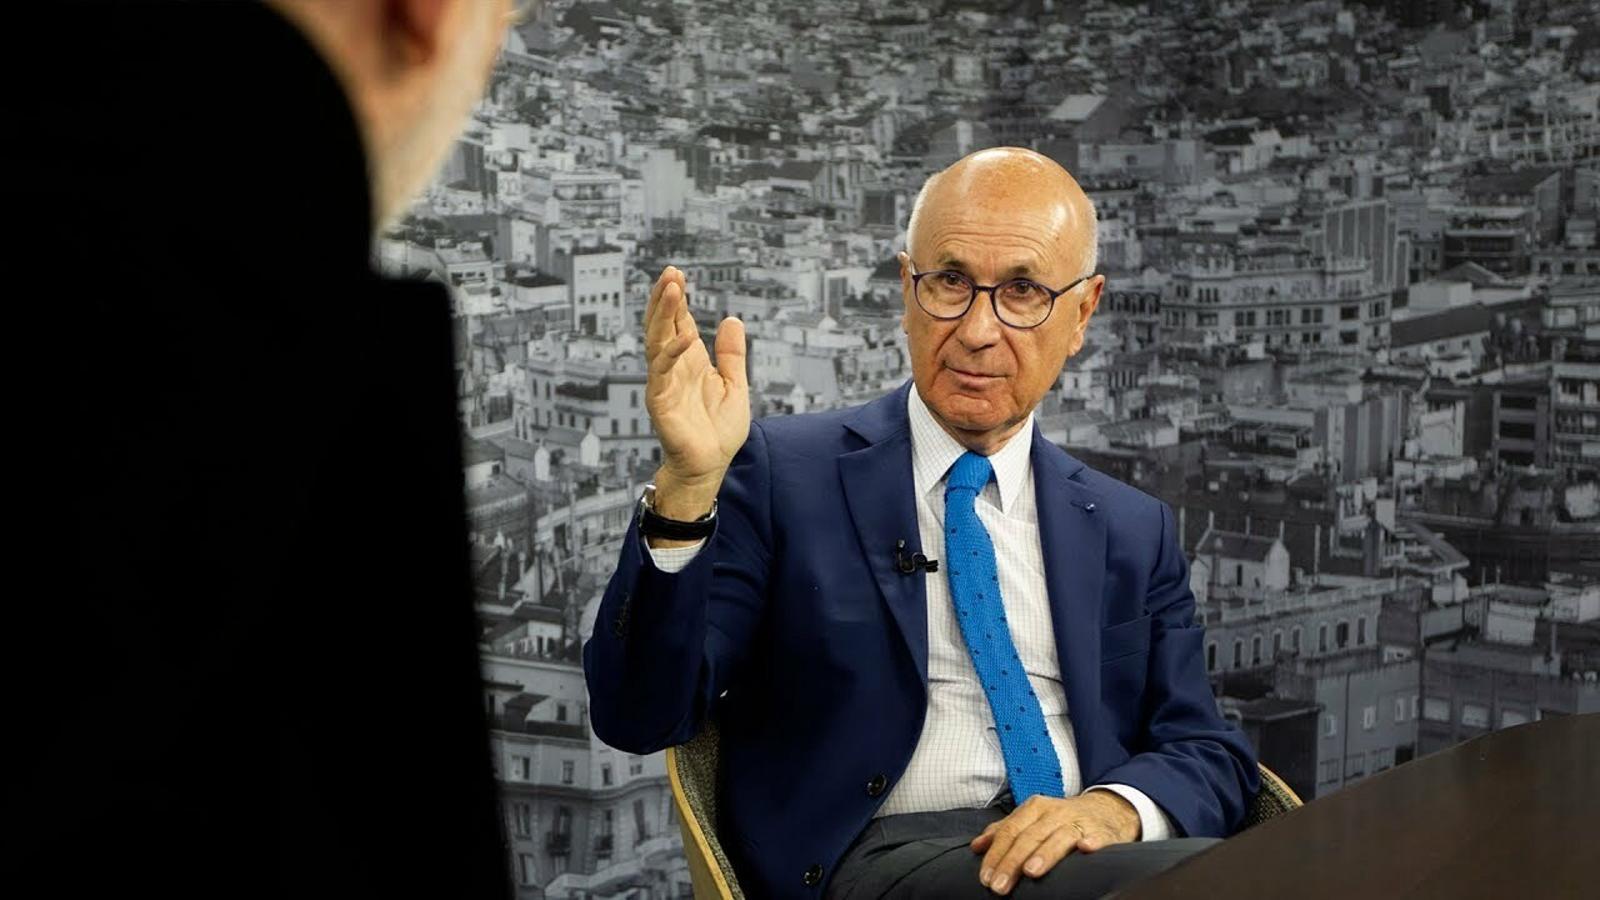 """Duran Lleida: """"Per trencar aquella fredor l'Aznar em diu: «¿Sabes el chiste del calvo?»"""""""